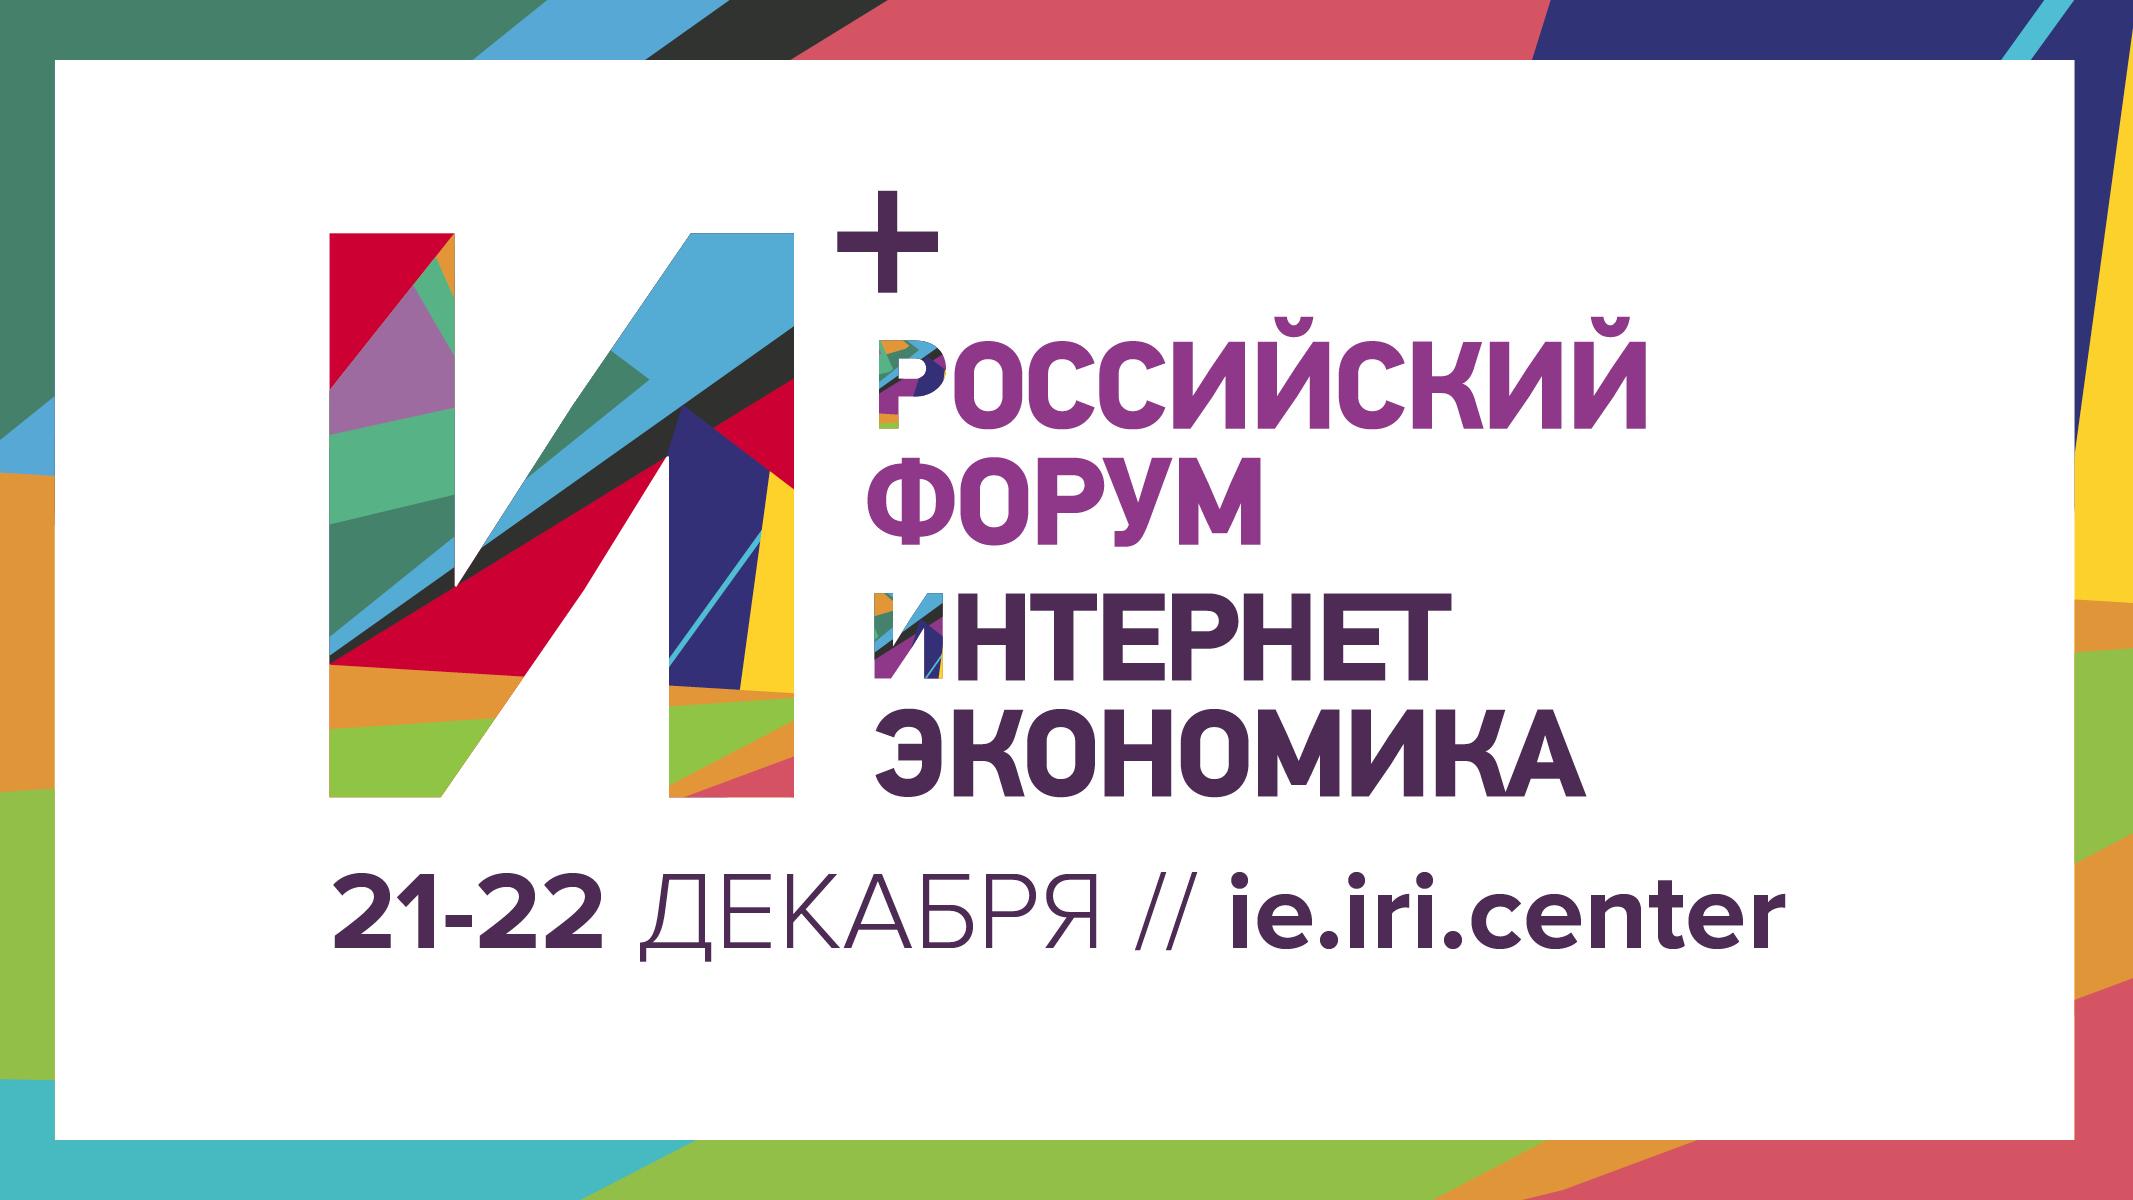 Инновационную экономику страны обсудят на первом российском ═Форуме « Интернет Экономика»